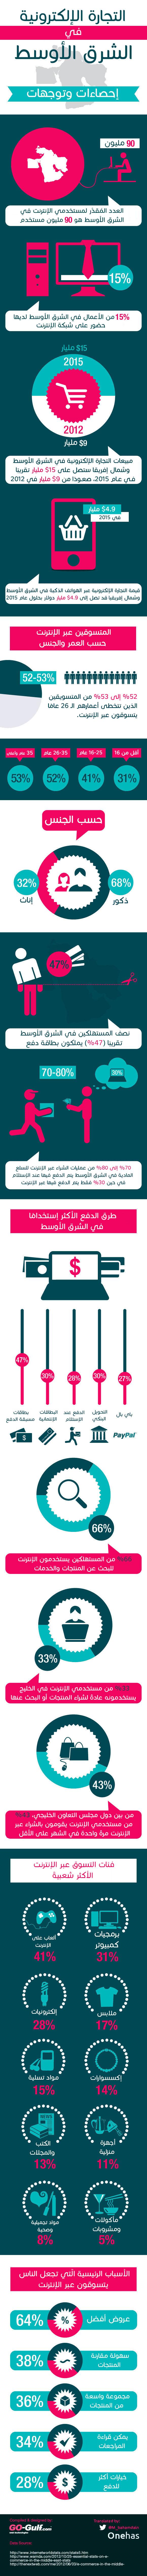 التجارة الإلكترونية في الشرق الأوسط